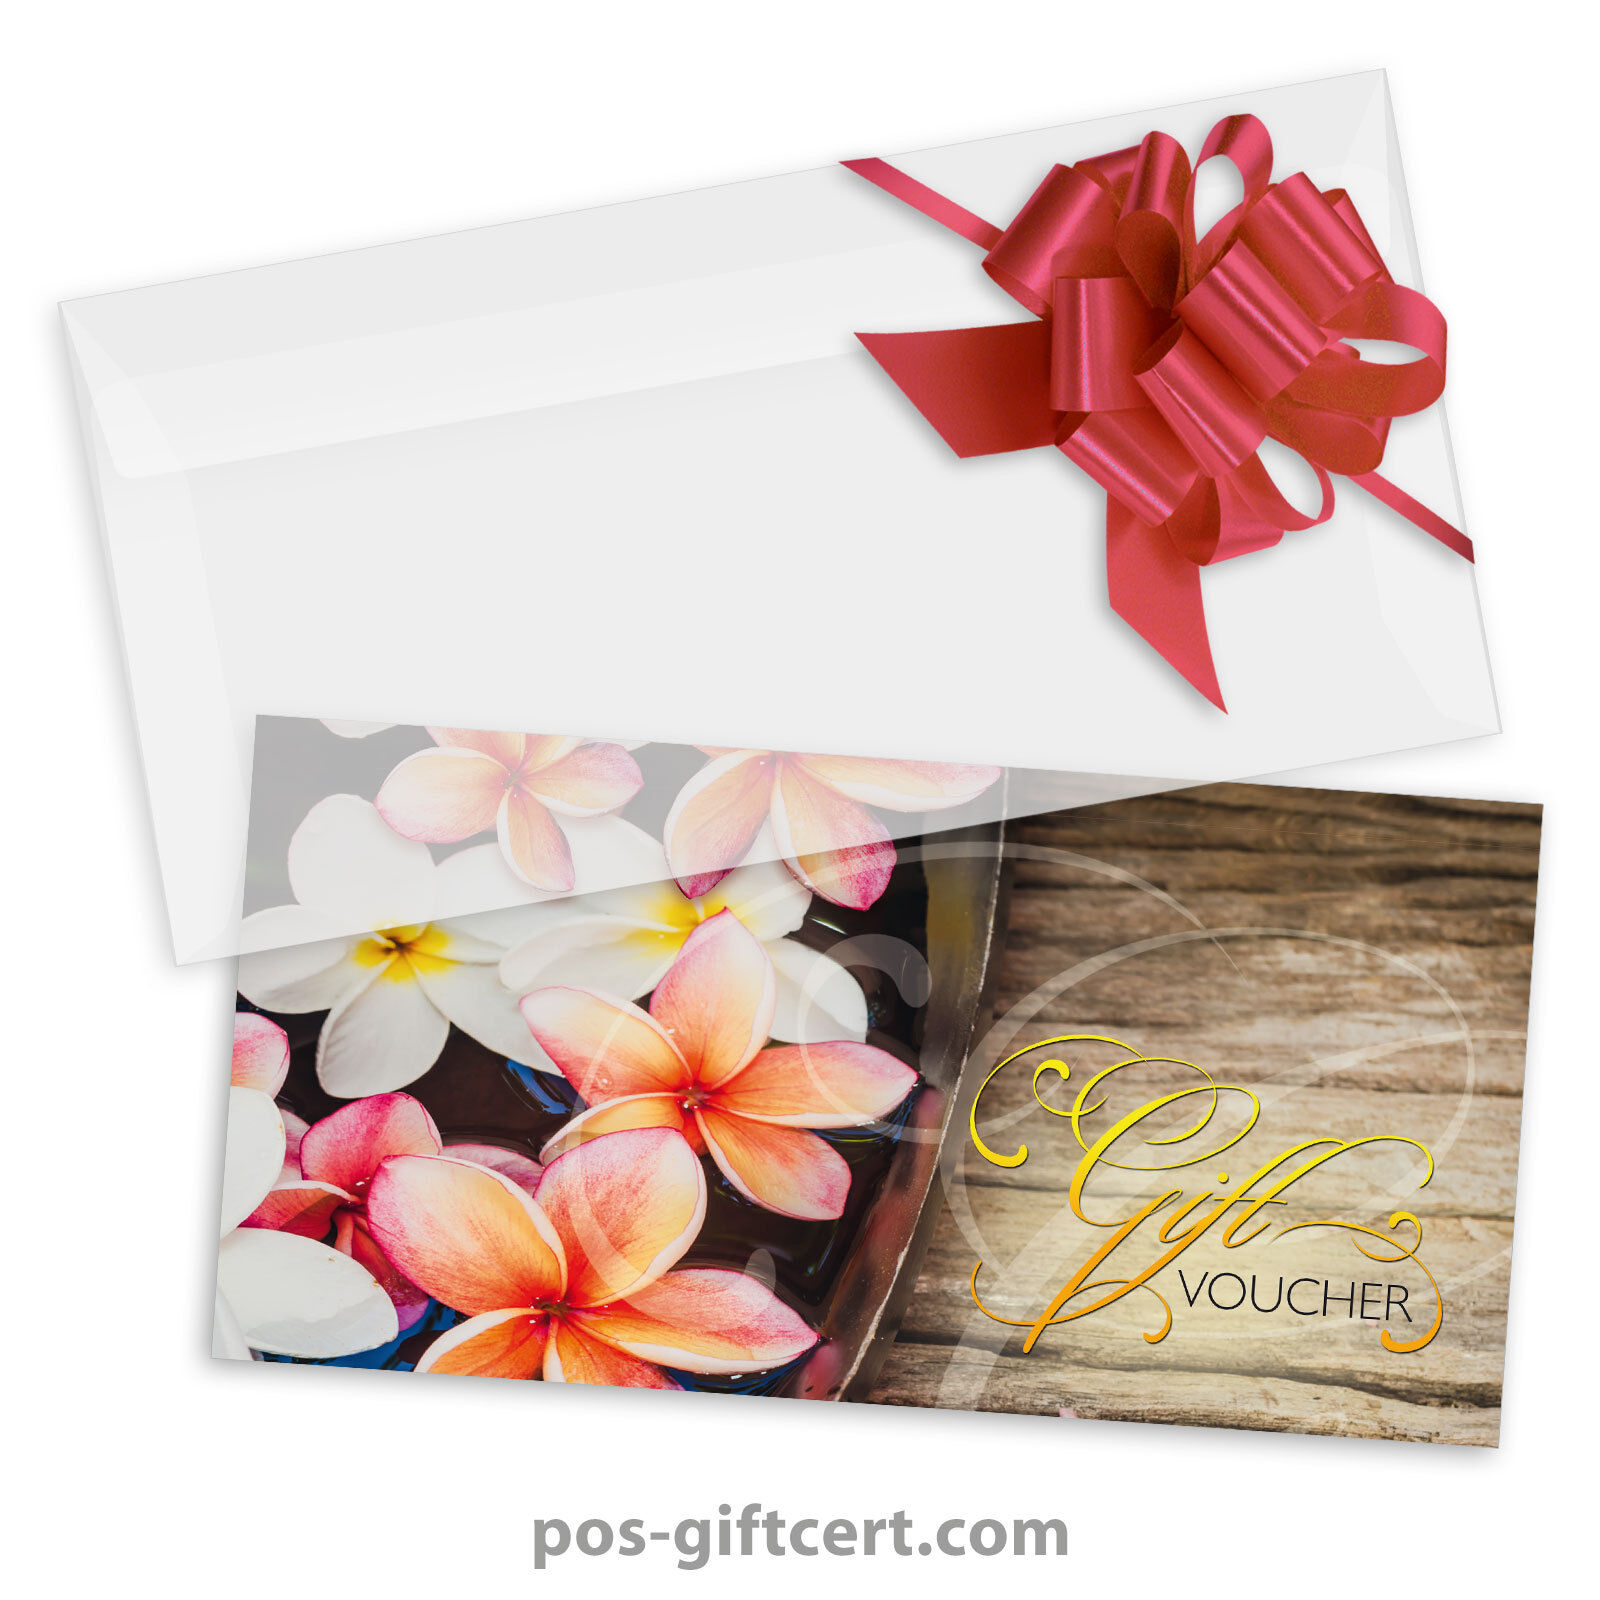 Gift vouchers  envelopes  pull bows for physiotherapy, massage, spa MA9241GB | Verschiedene Arten und Stile  | Bevorzugtes Material